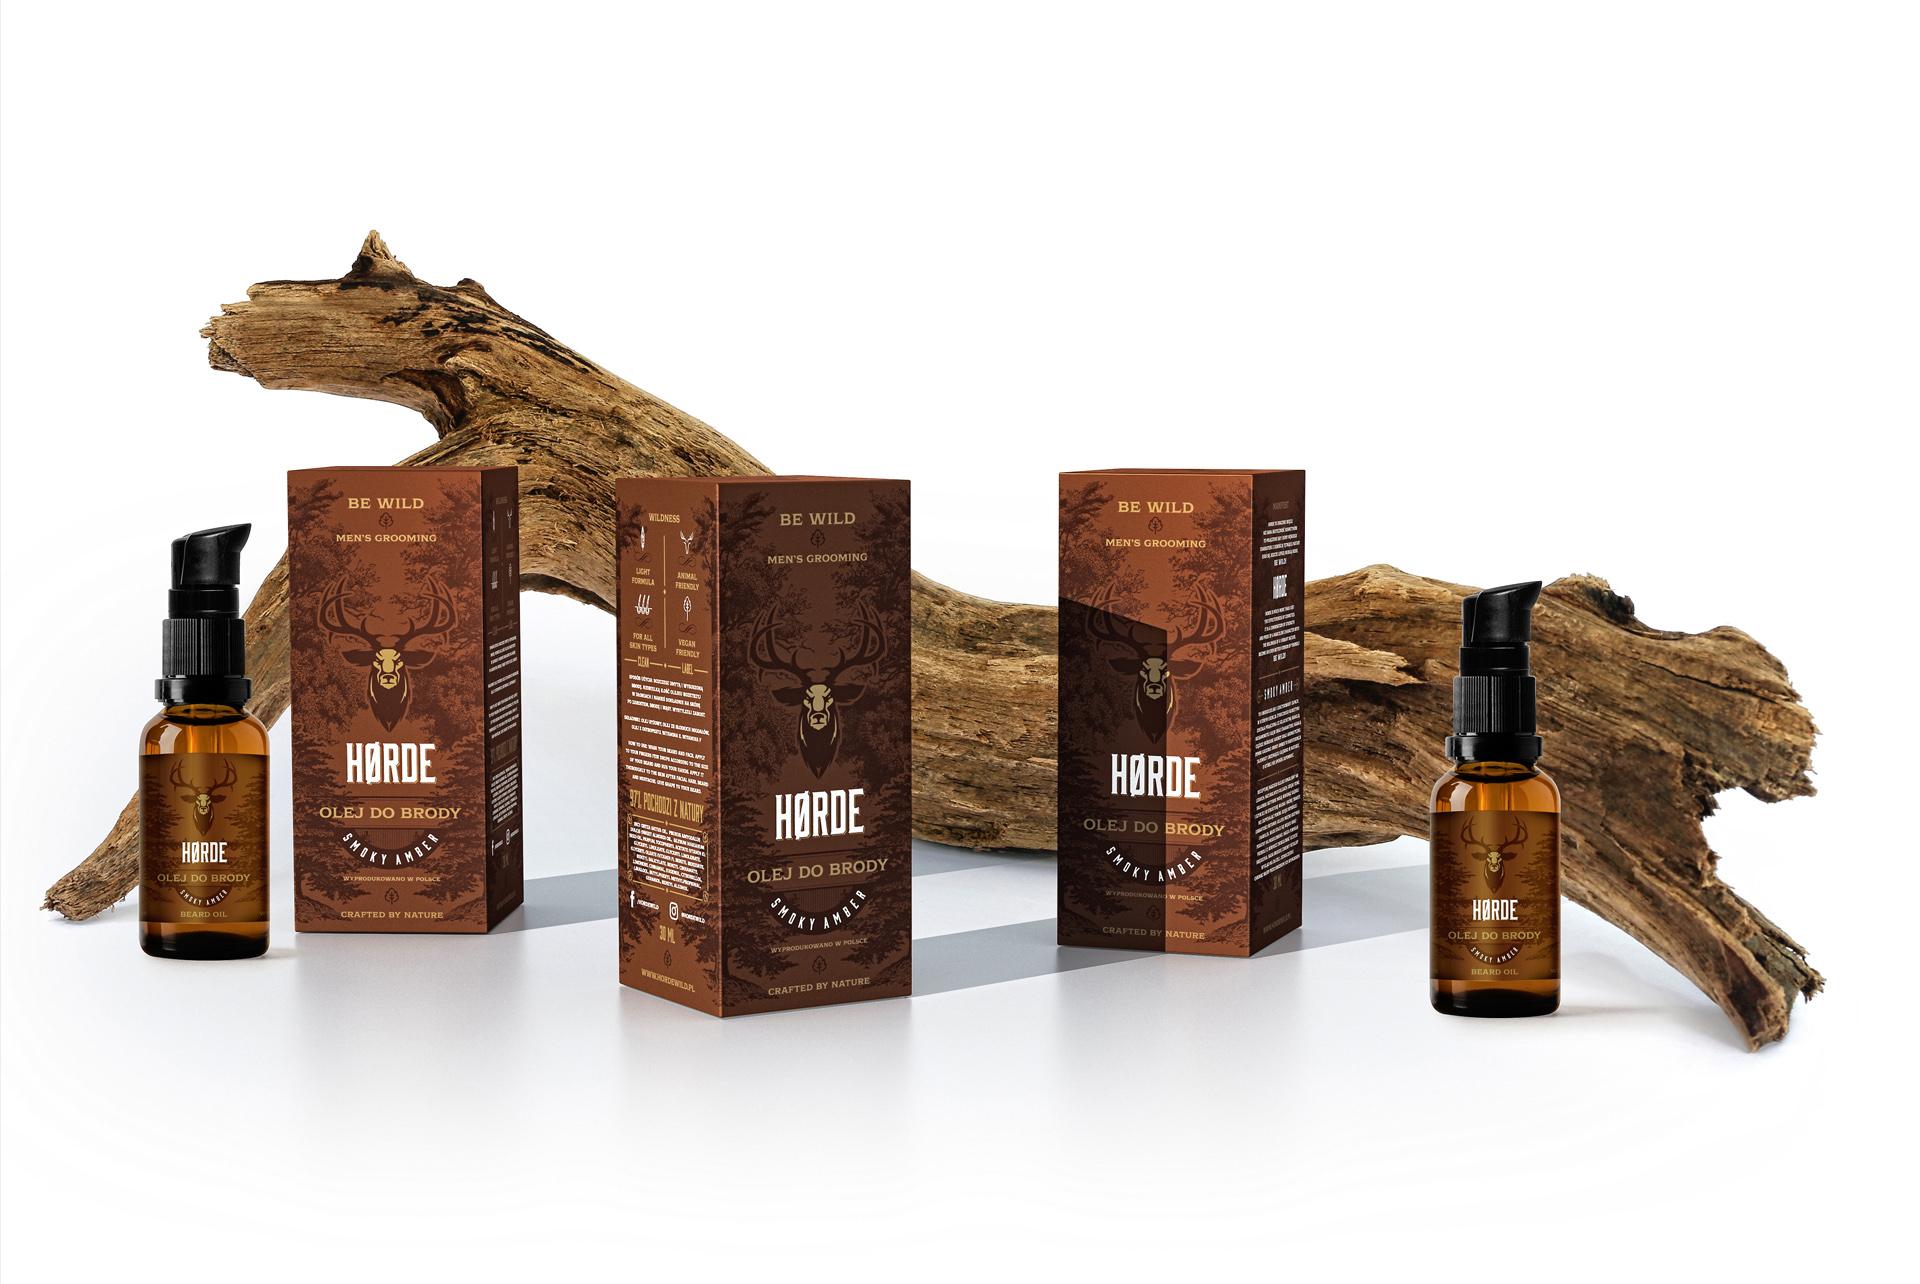 Horde Range Męskie Naturalne Kosmetyki Barber